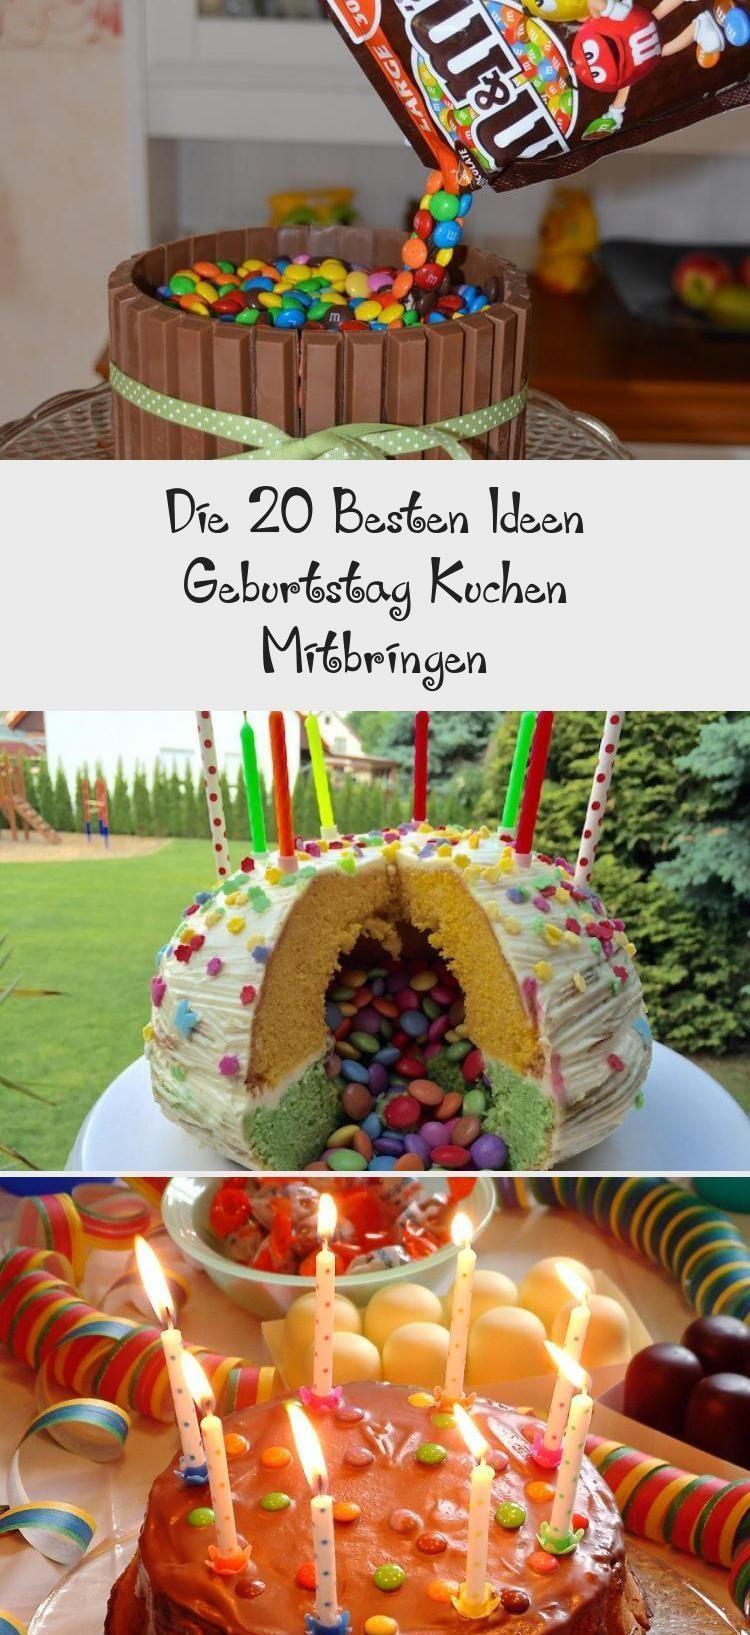 Photo of Geburtstagstorte mitbringen. Die 20 besten Ideen, um Geburtstagstorte #P … –  …